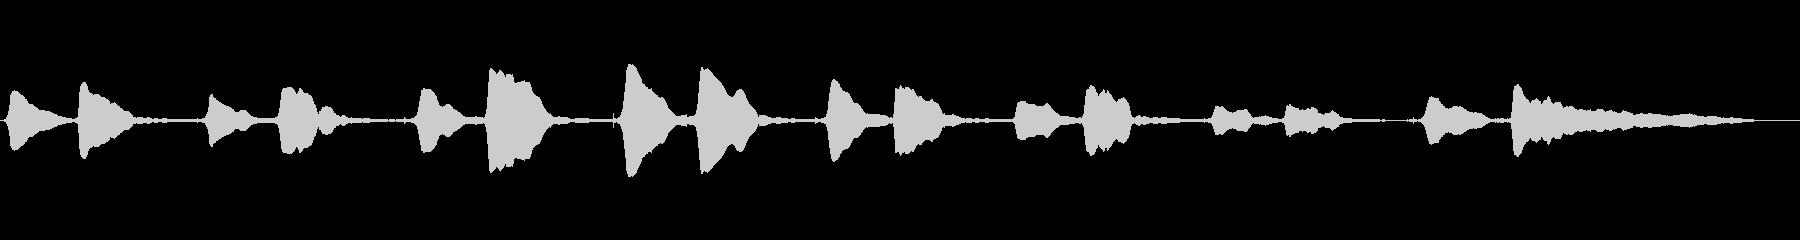 サックスのソロ演奏 温かいメロの未再生の波形